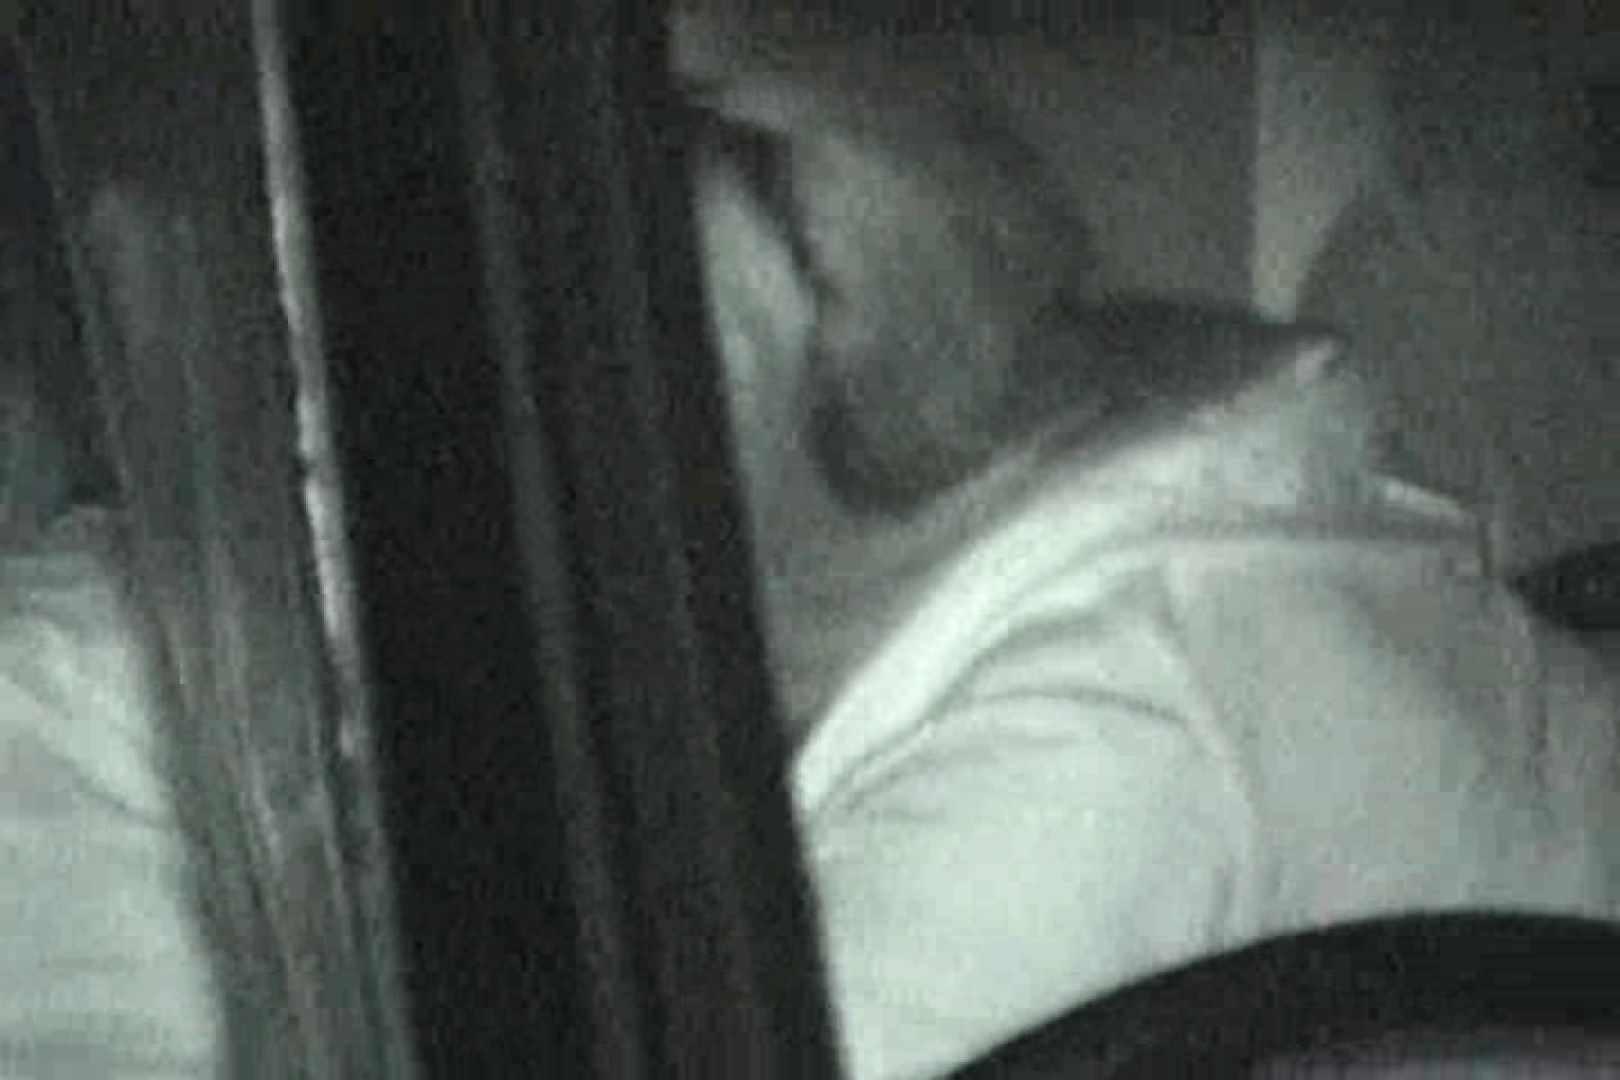 充血監督の深夜の運動会Vol.8 おっぱい オマンコ無修正動画無料 106画像 63